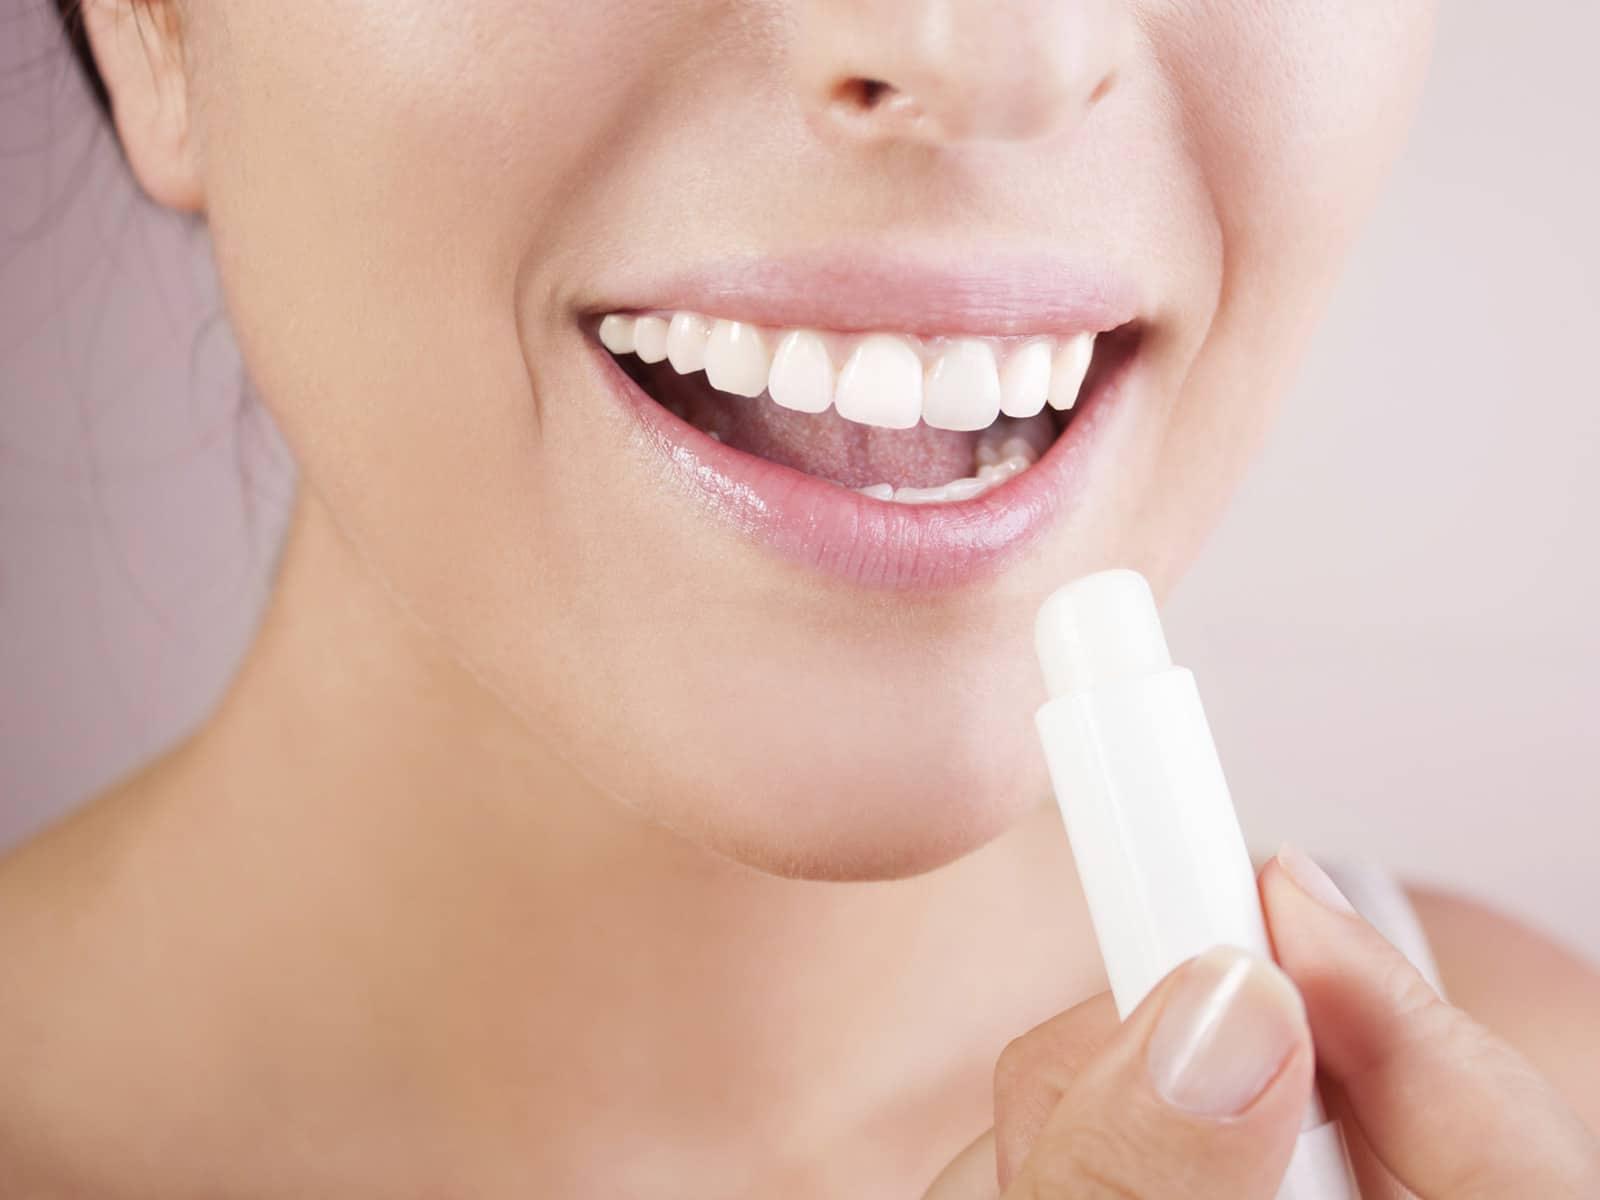 Tendenze make-up labbra 2019: come prendersi cura delle labbra e avere un sorriso smagliante - Tutte le tendenze per il trucco labbra 2019